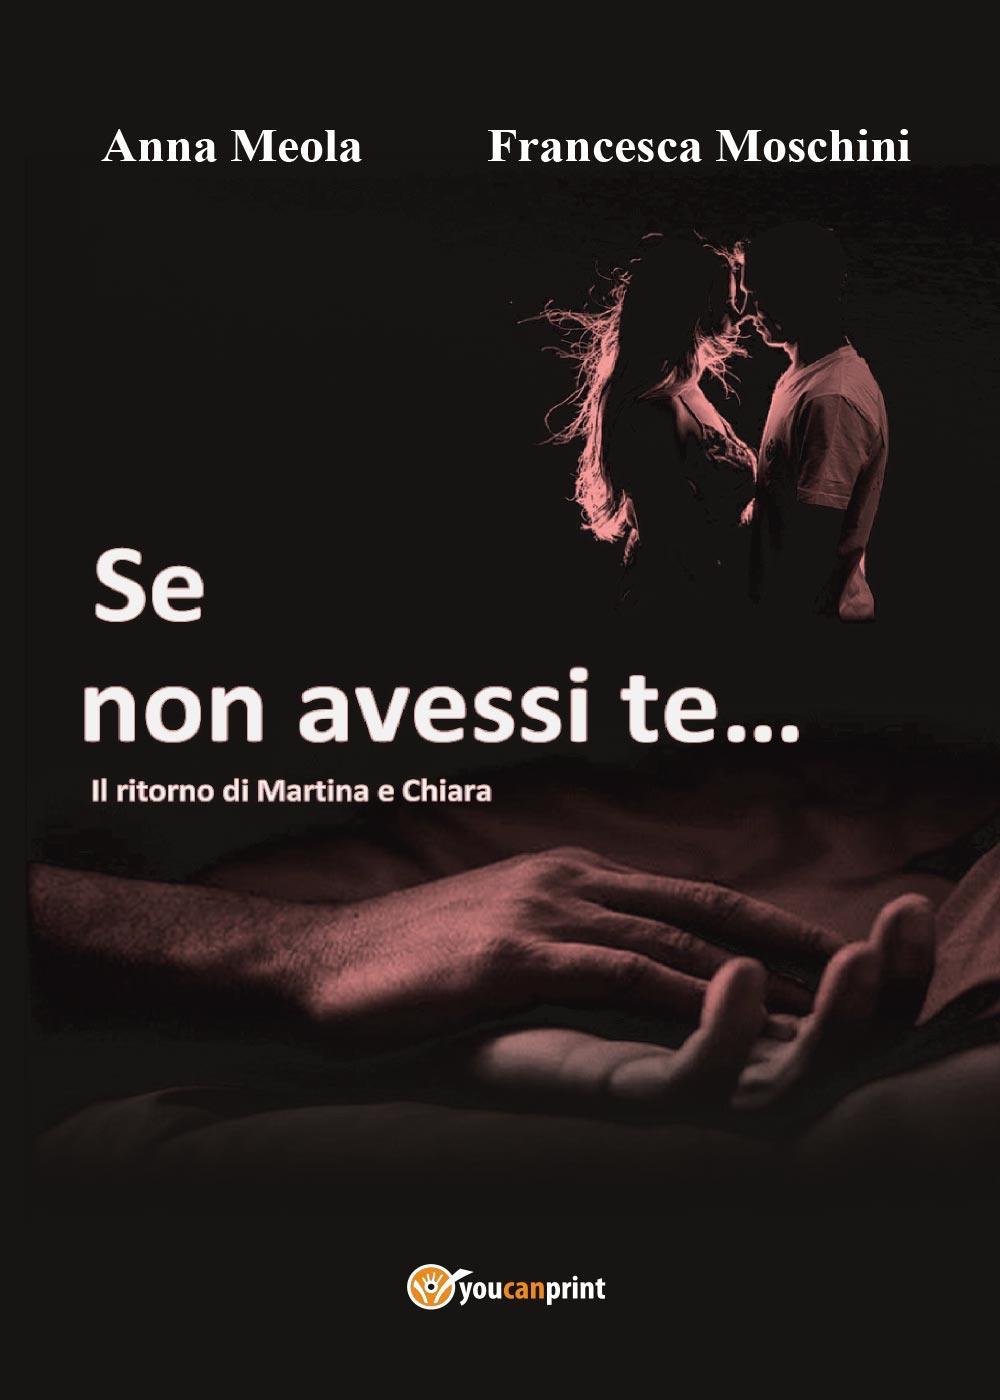 Se non avessi te... Il ritorno di Martina e Chiara